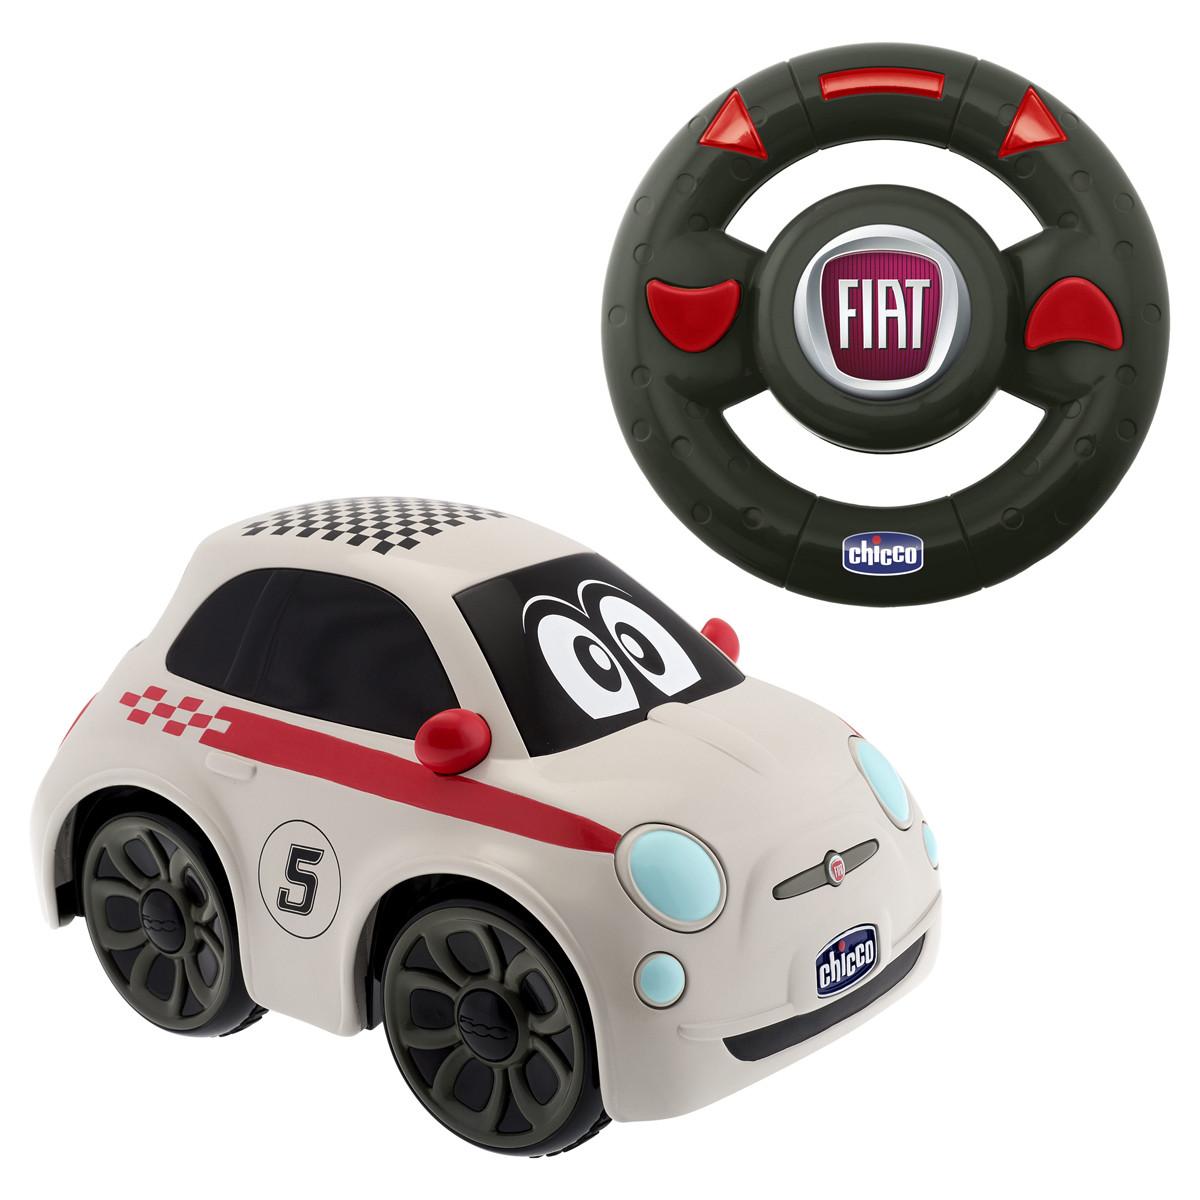 Chicco coche Fiat 500 Sport radio control